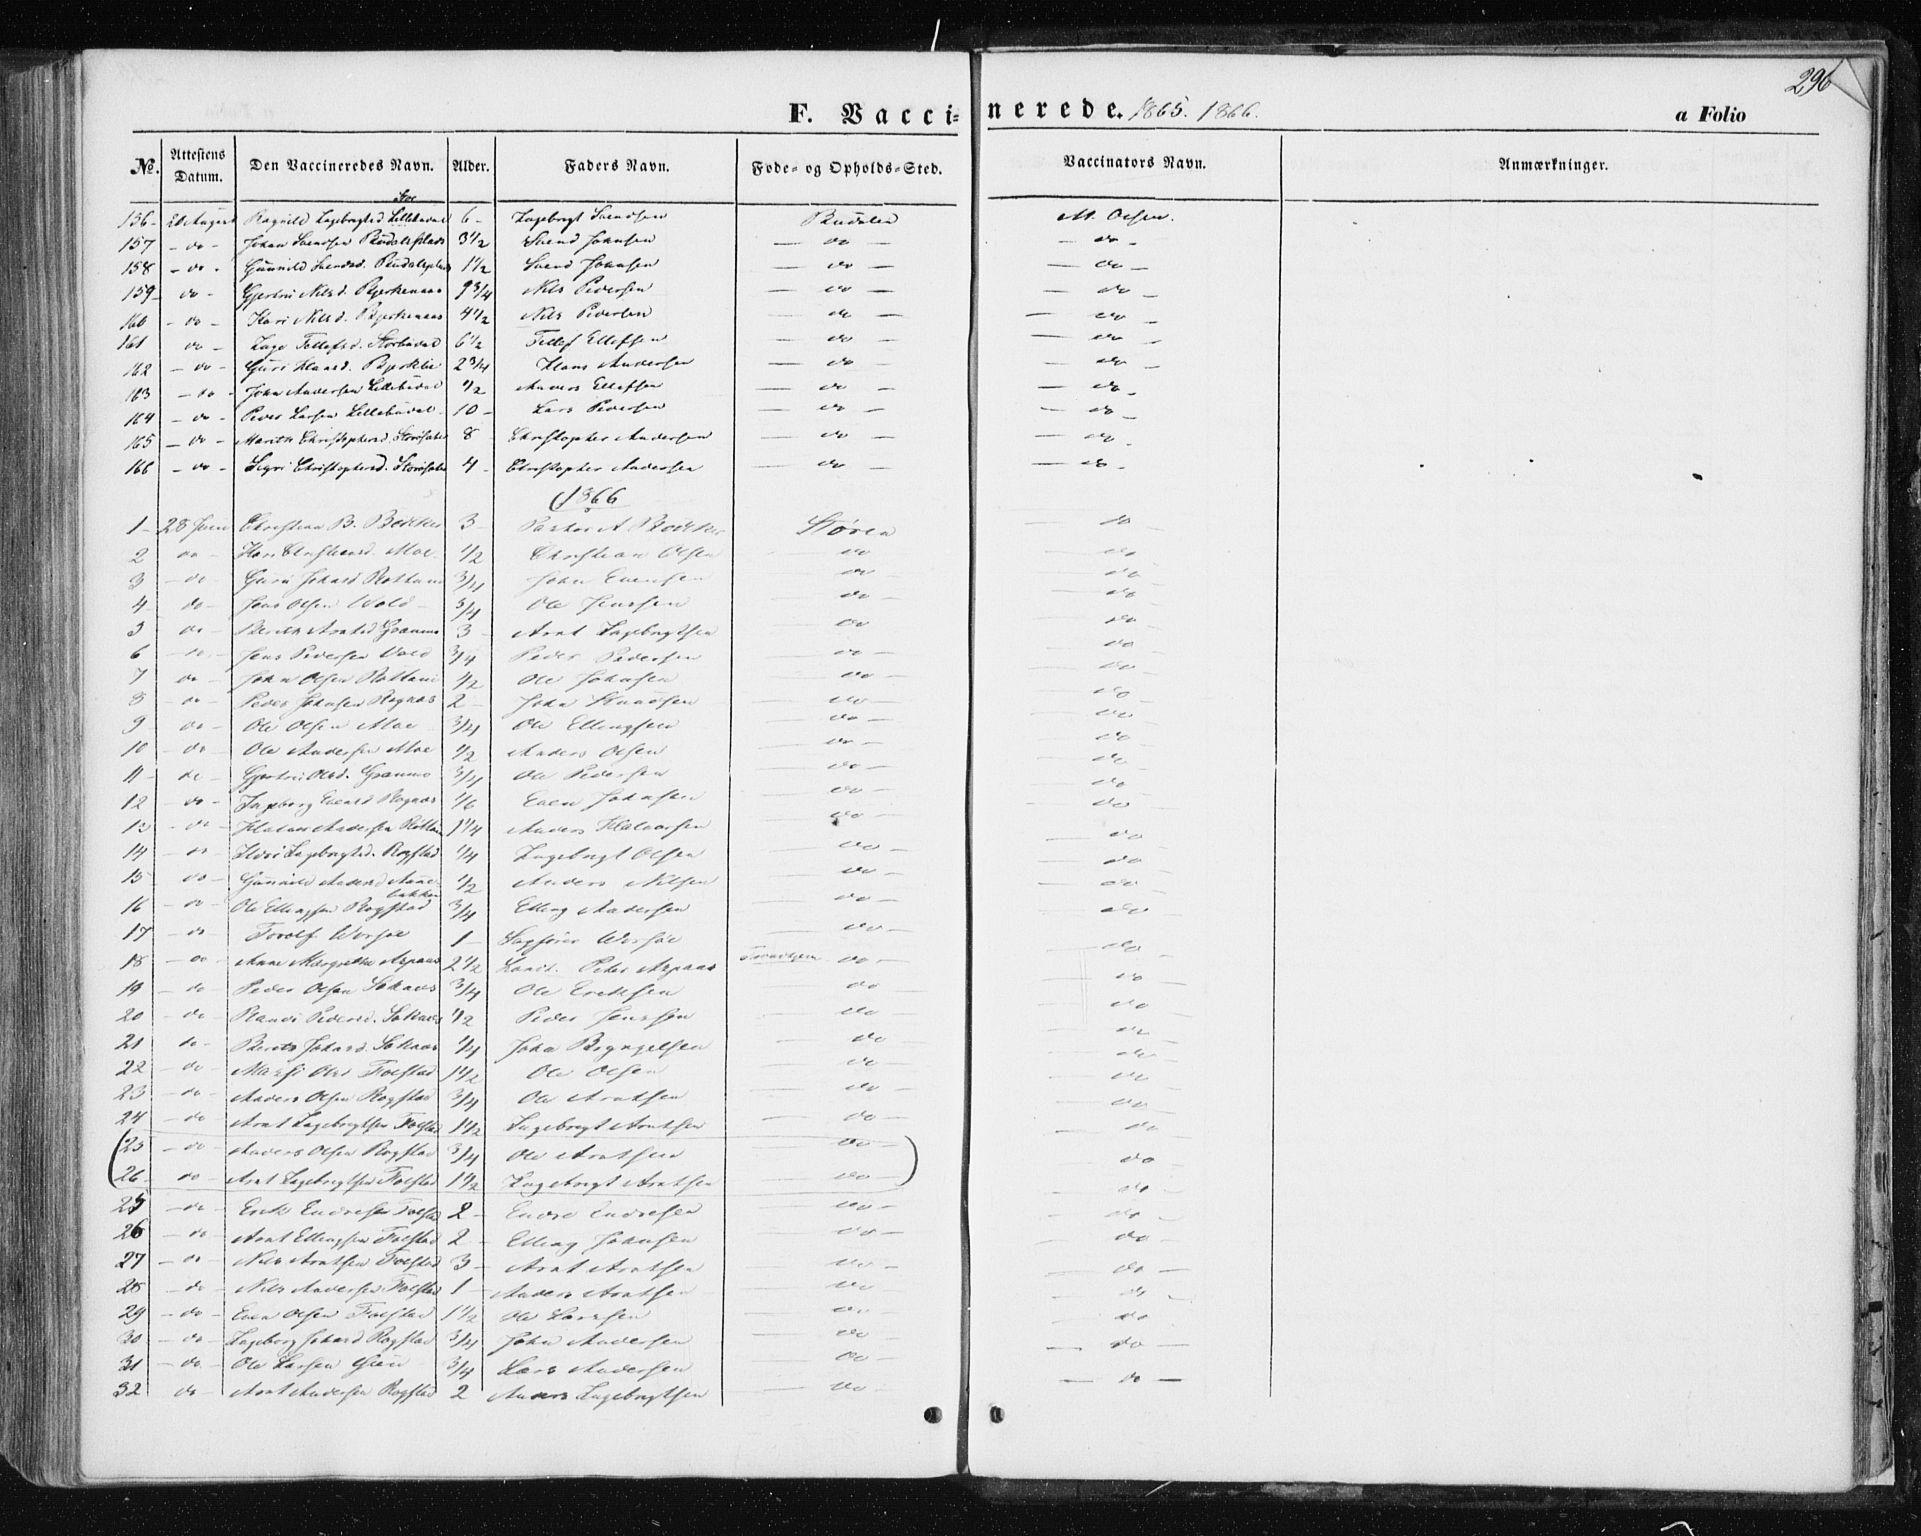 SAT, Ministerialprotokoller, klokkerbøker og fødselsregistre - Sør-Trøndelag, 687/L1000: Ministerialbok nr. 687A06, 1848-1869, s. 296